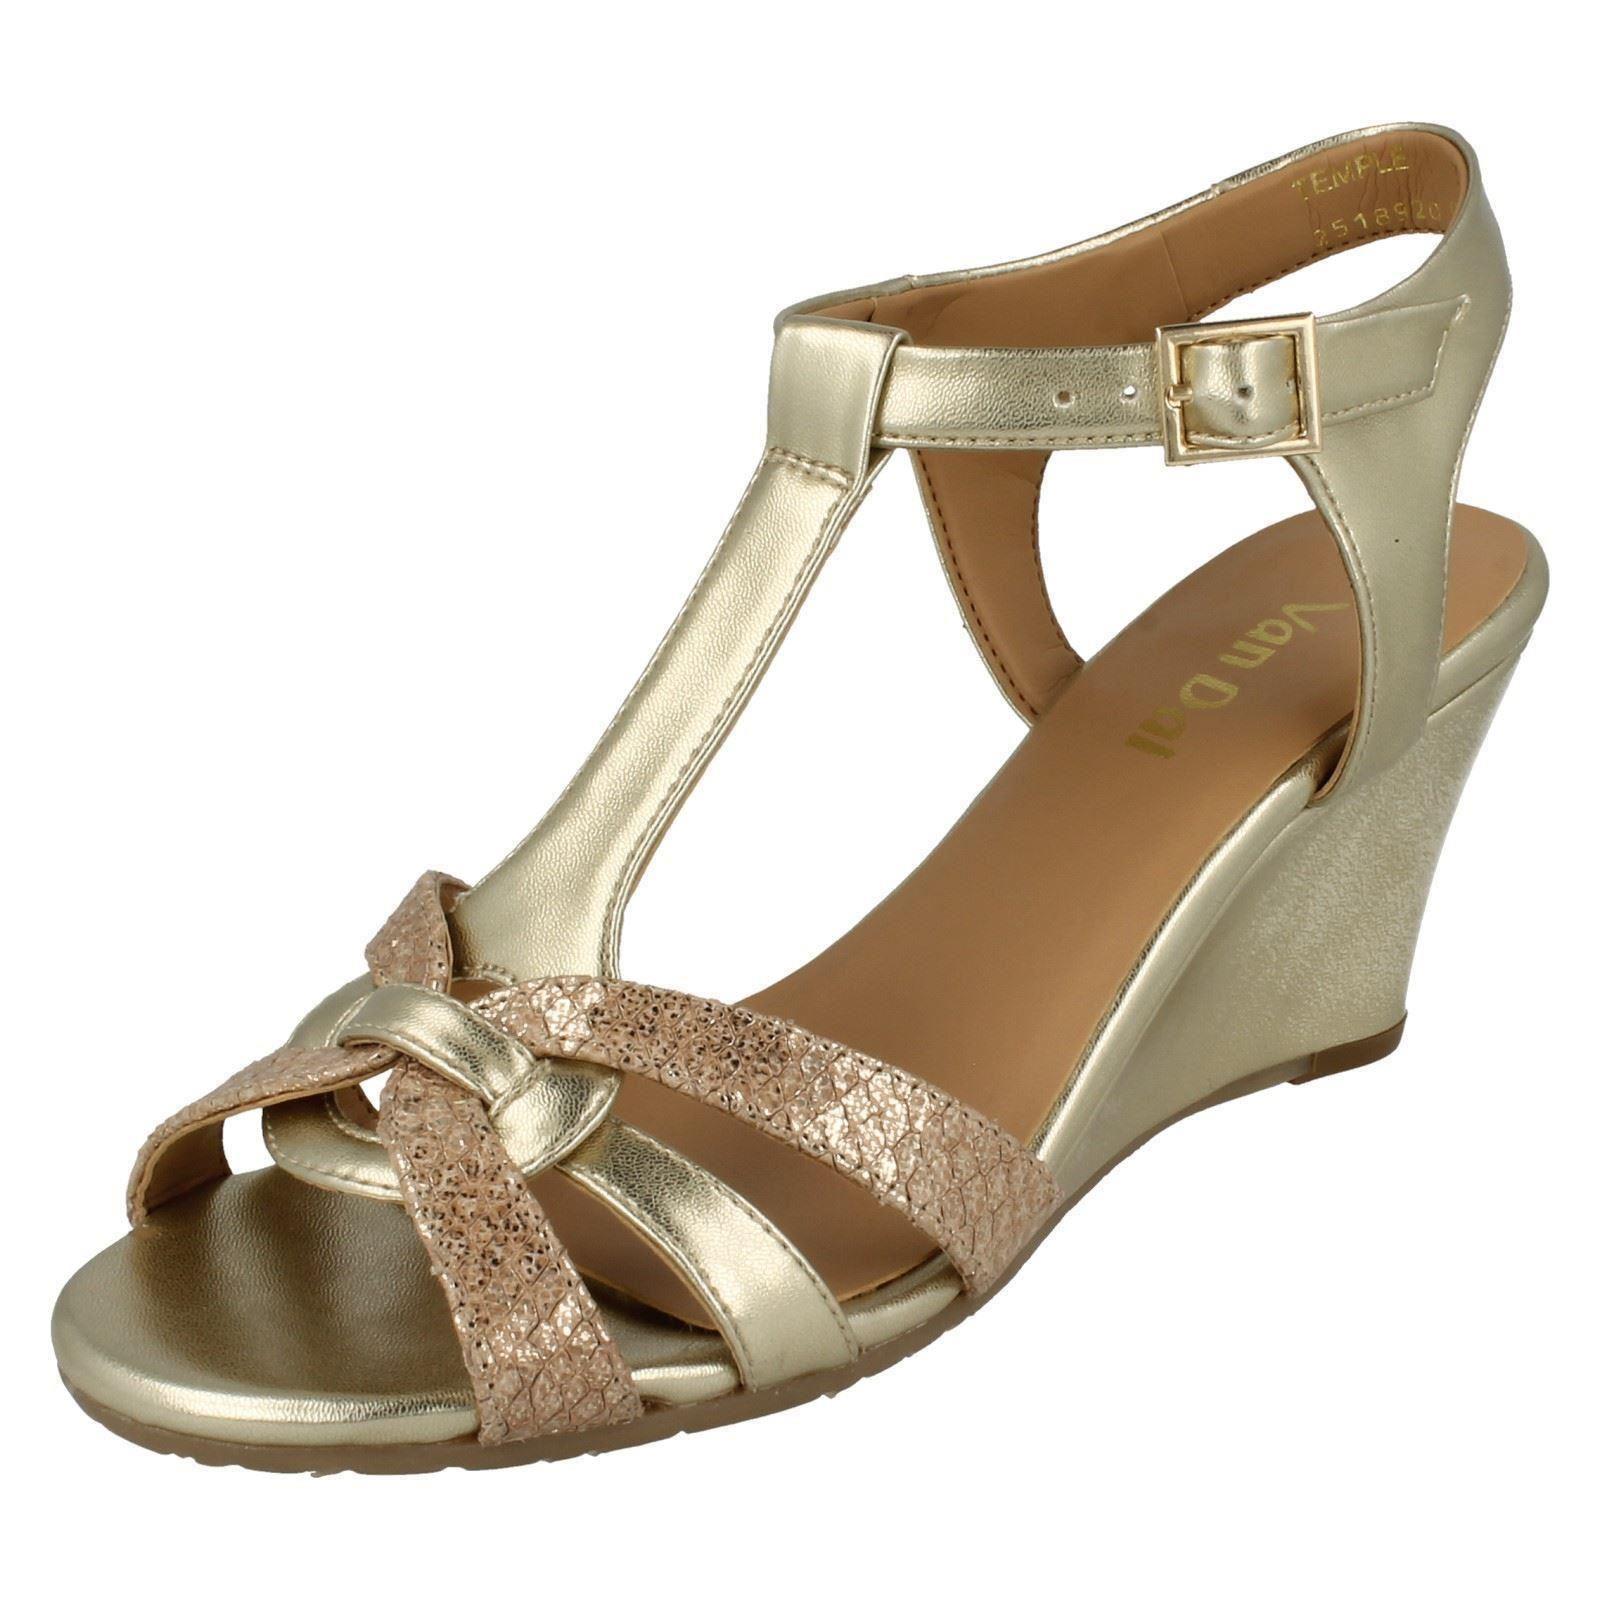 9eea29e2a0 ... Femmes Van Dal T-Bar des sandales sandales sandales compensées * Temple  * 66751c ...